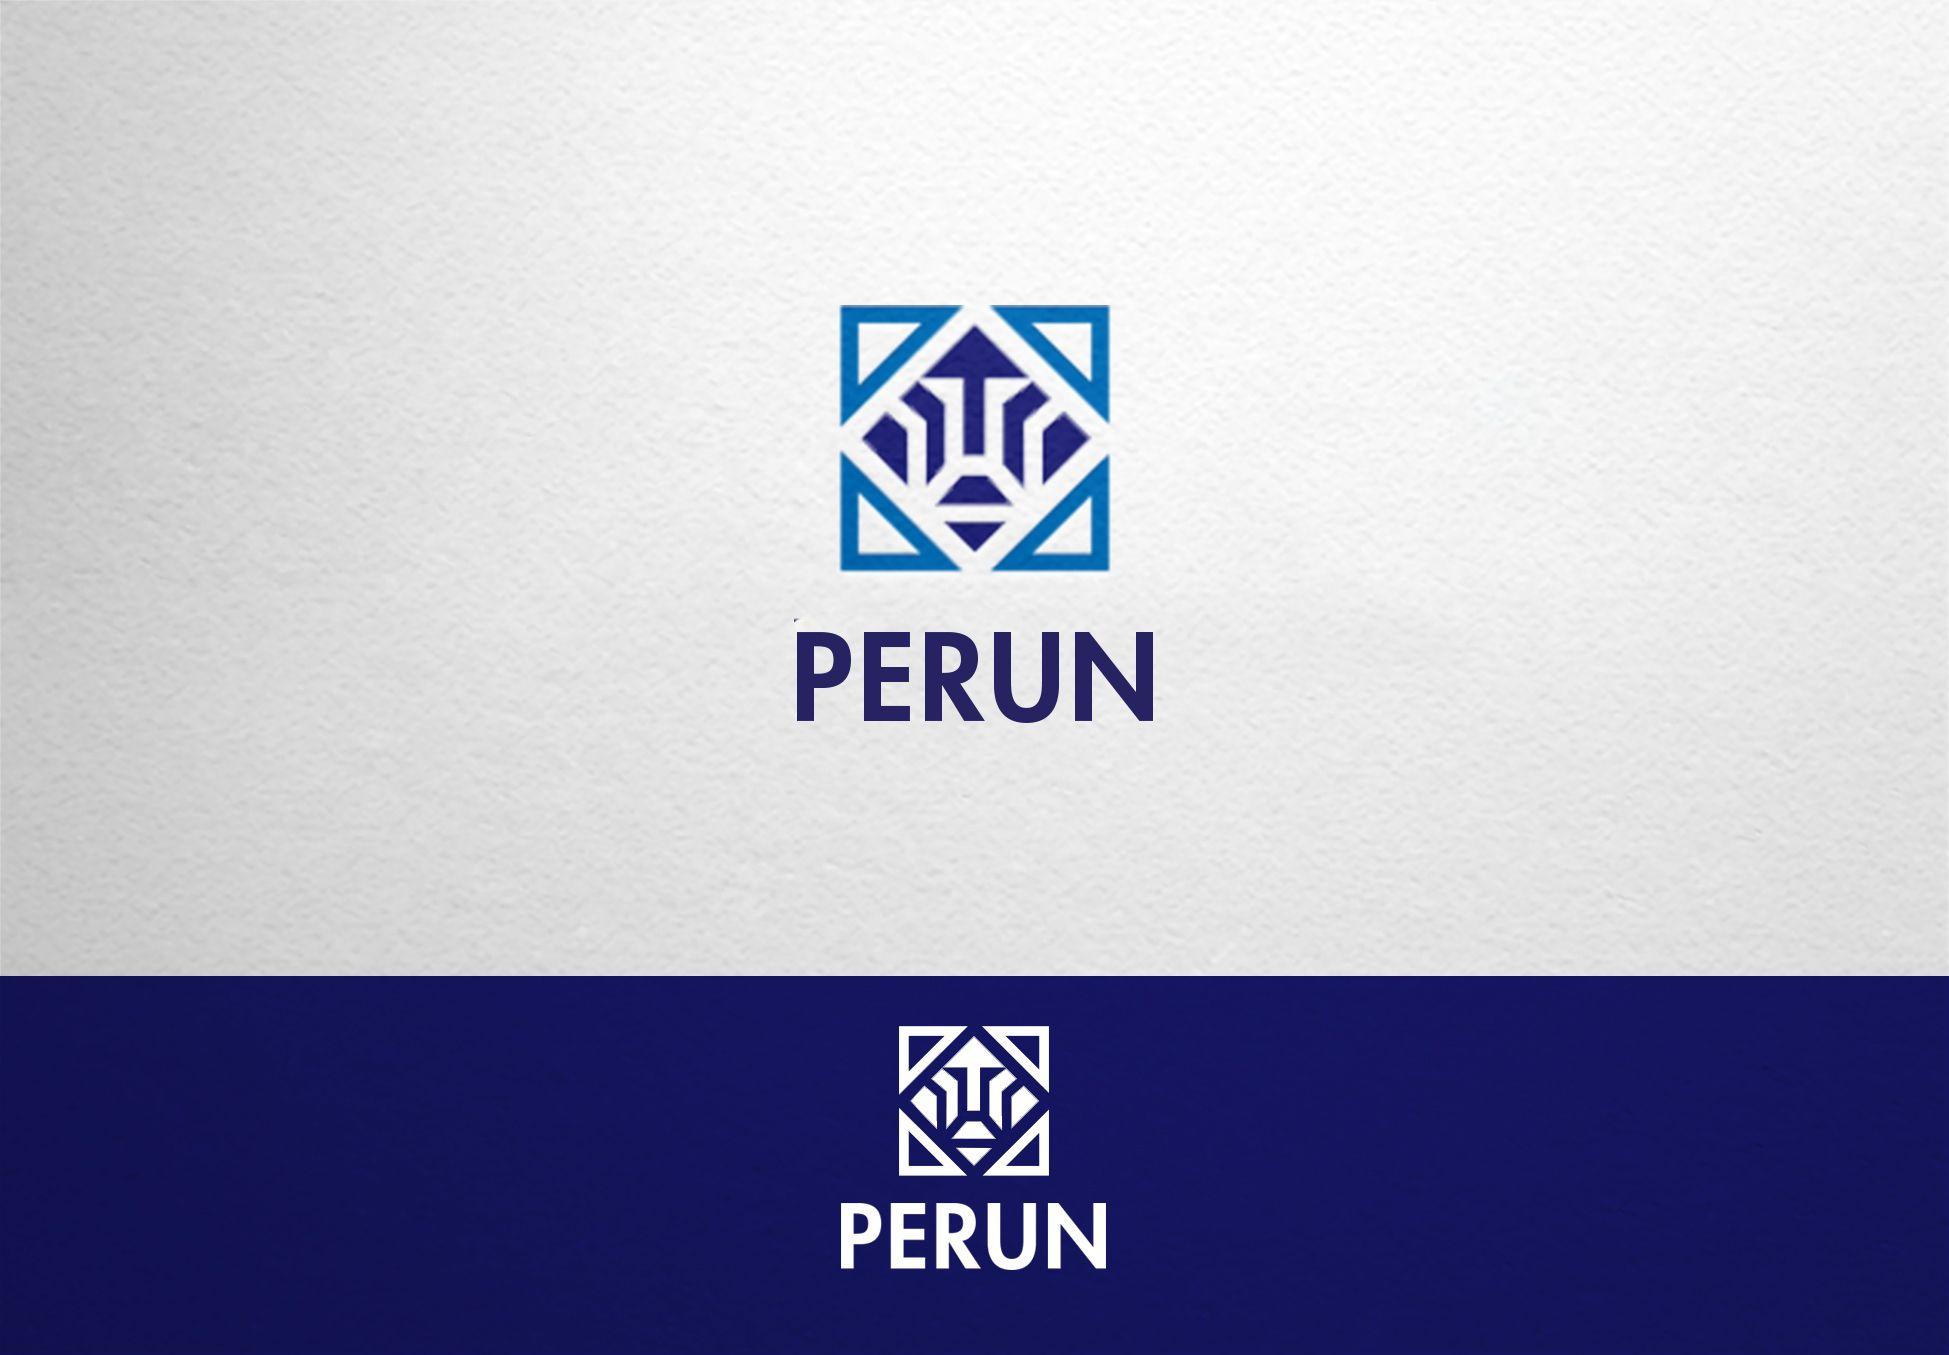 Логотип для компании пожарной безопасности Перун - дизайнер dron55